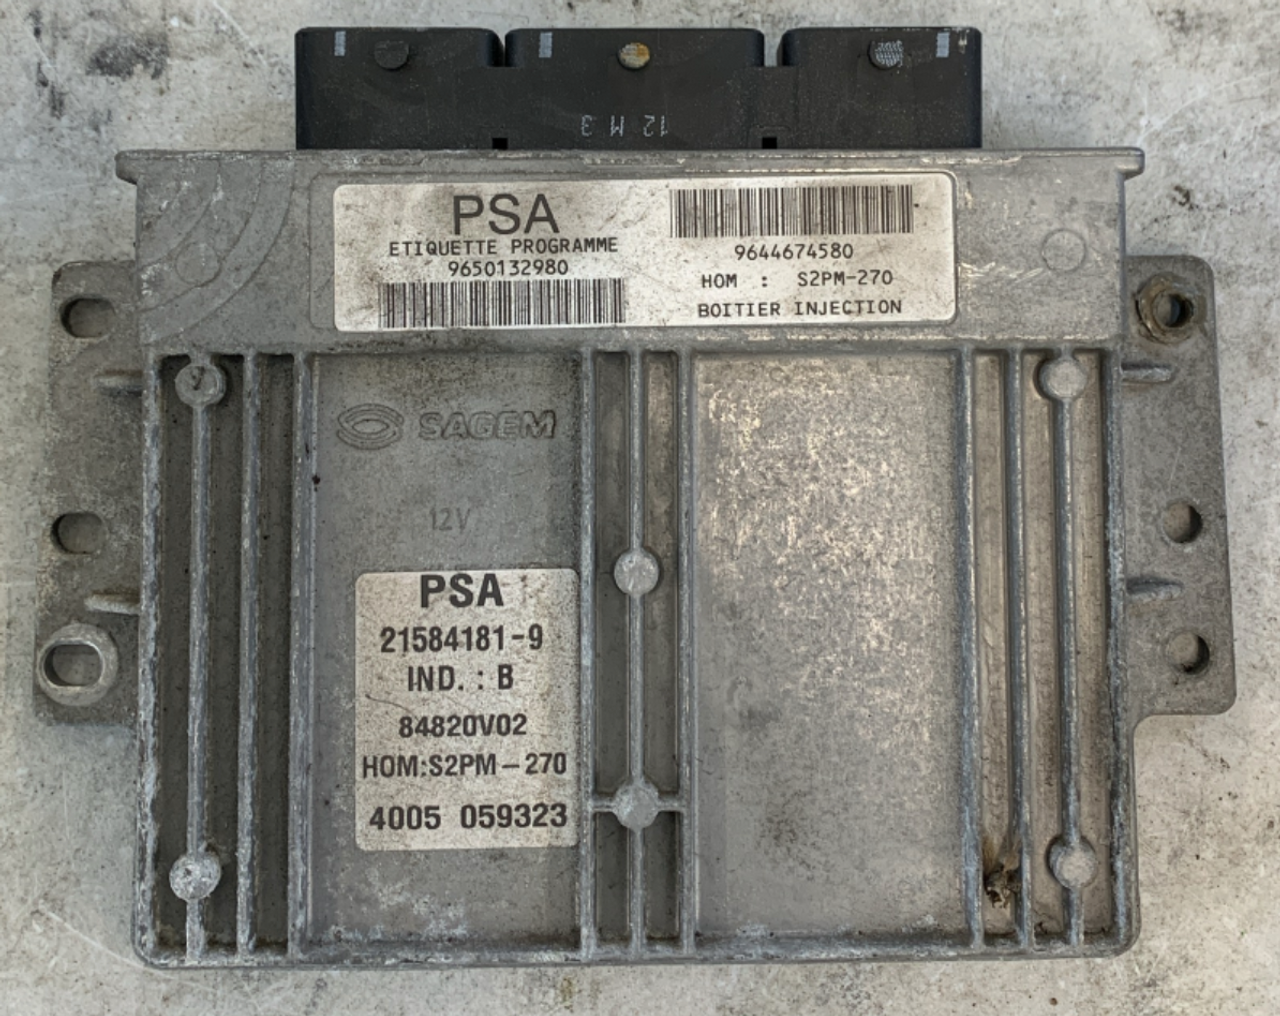 PSA, S2PM-270, 9650132980, 9644674580, 21584181-9, IND.:B